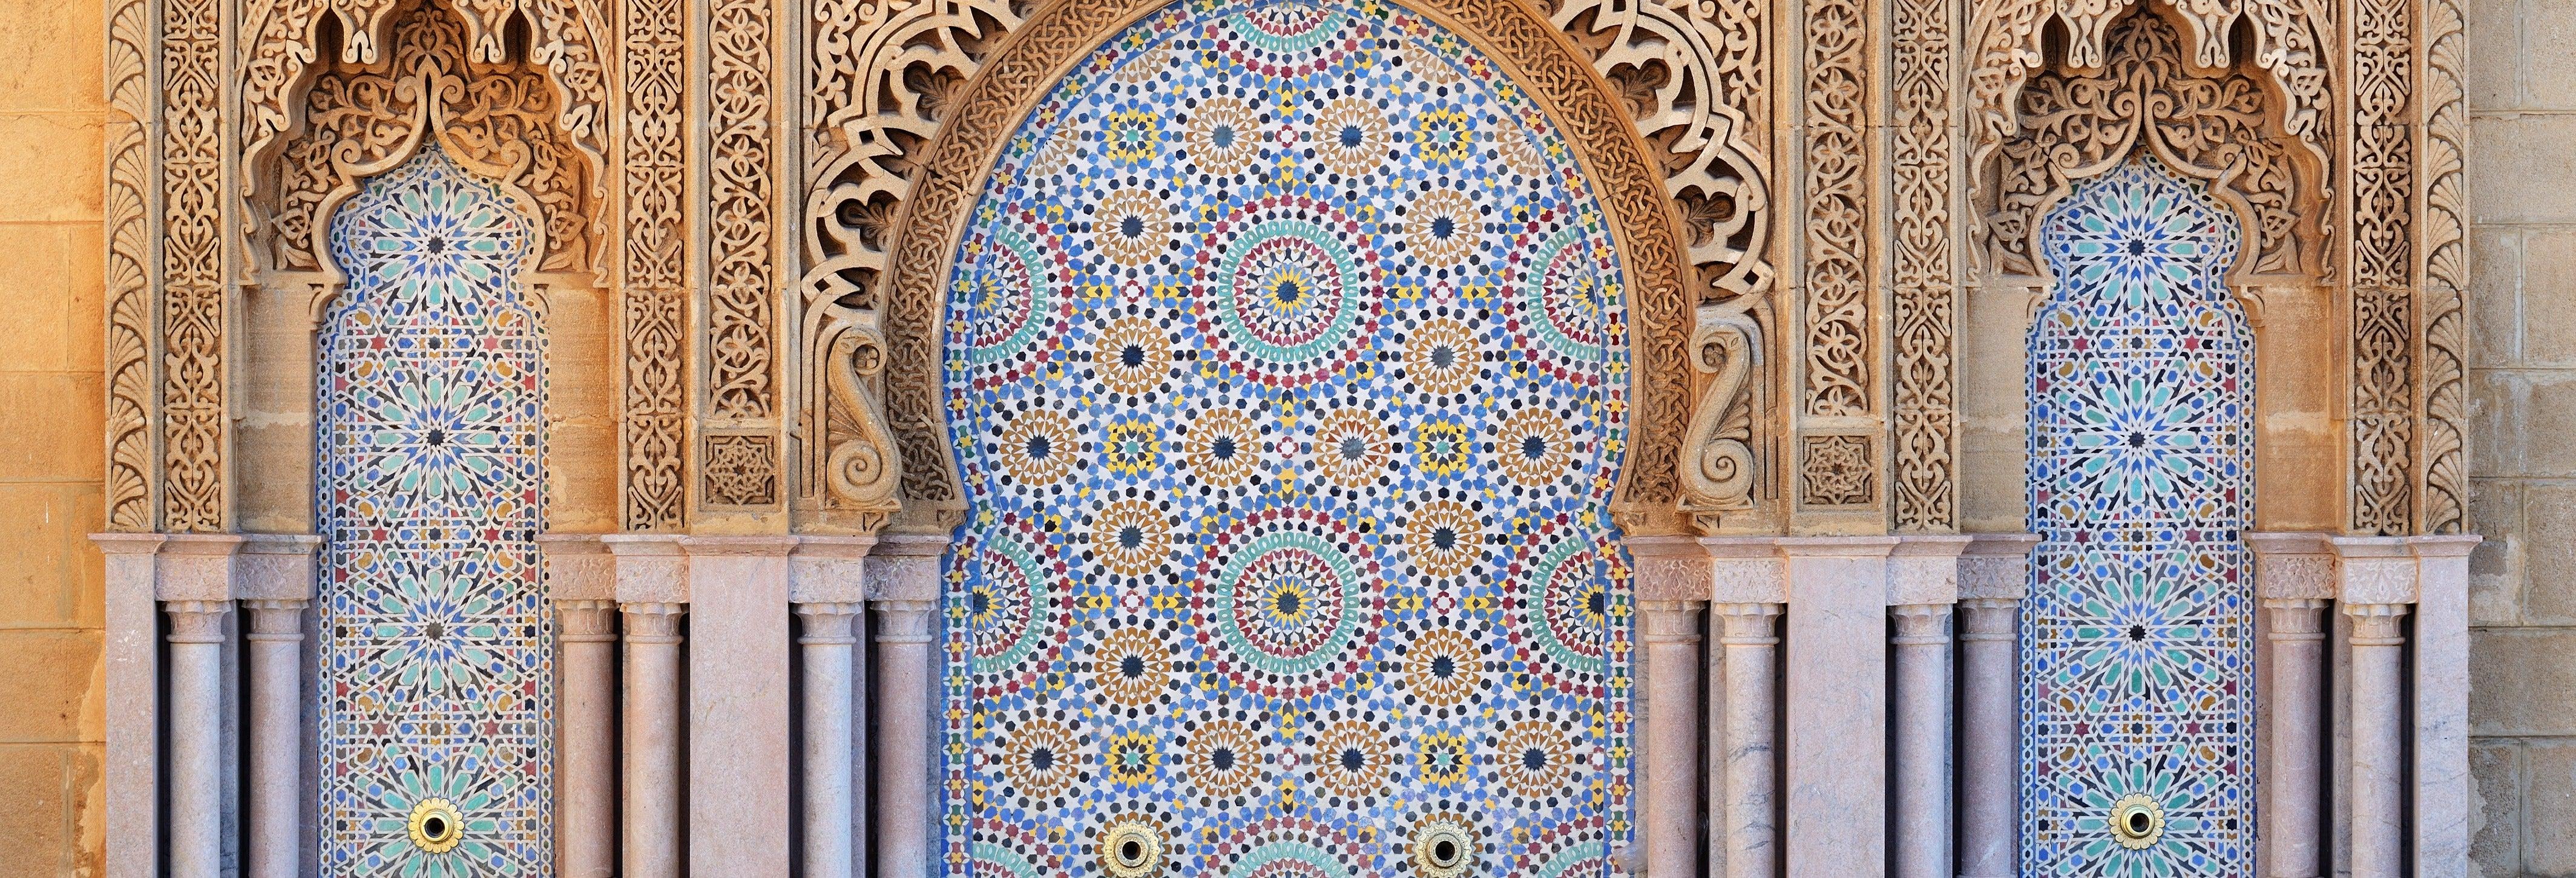 Casablanca and Rabat Tour